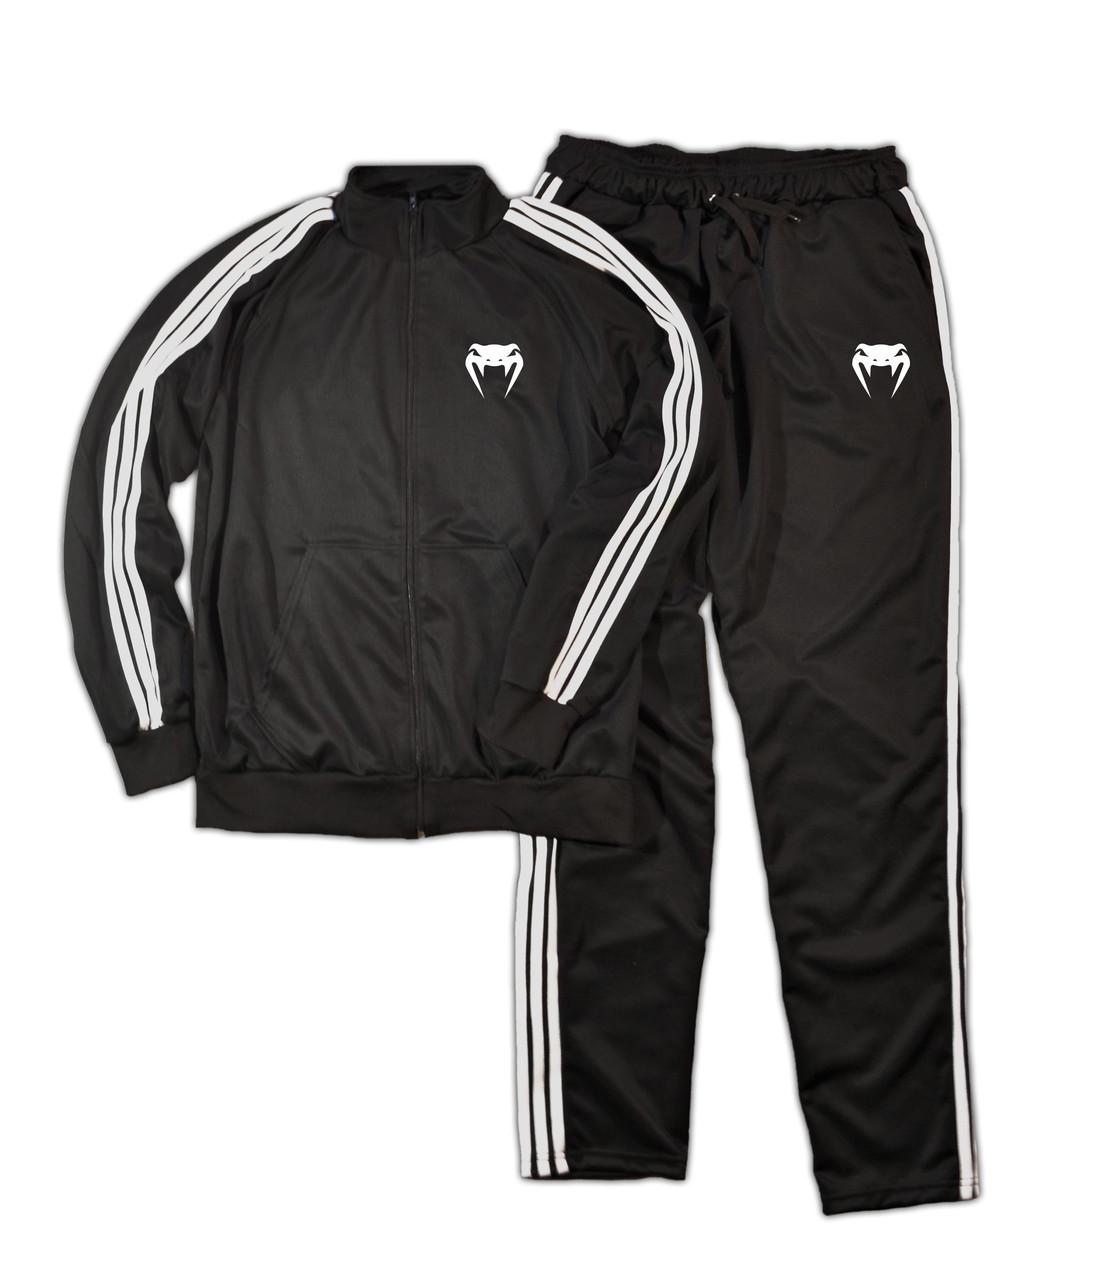 Мужской спортивный костюм для тренировок Venum (Венум)